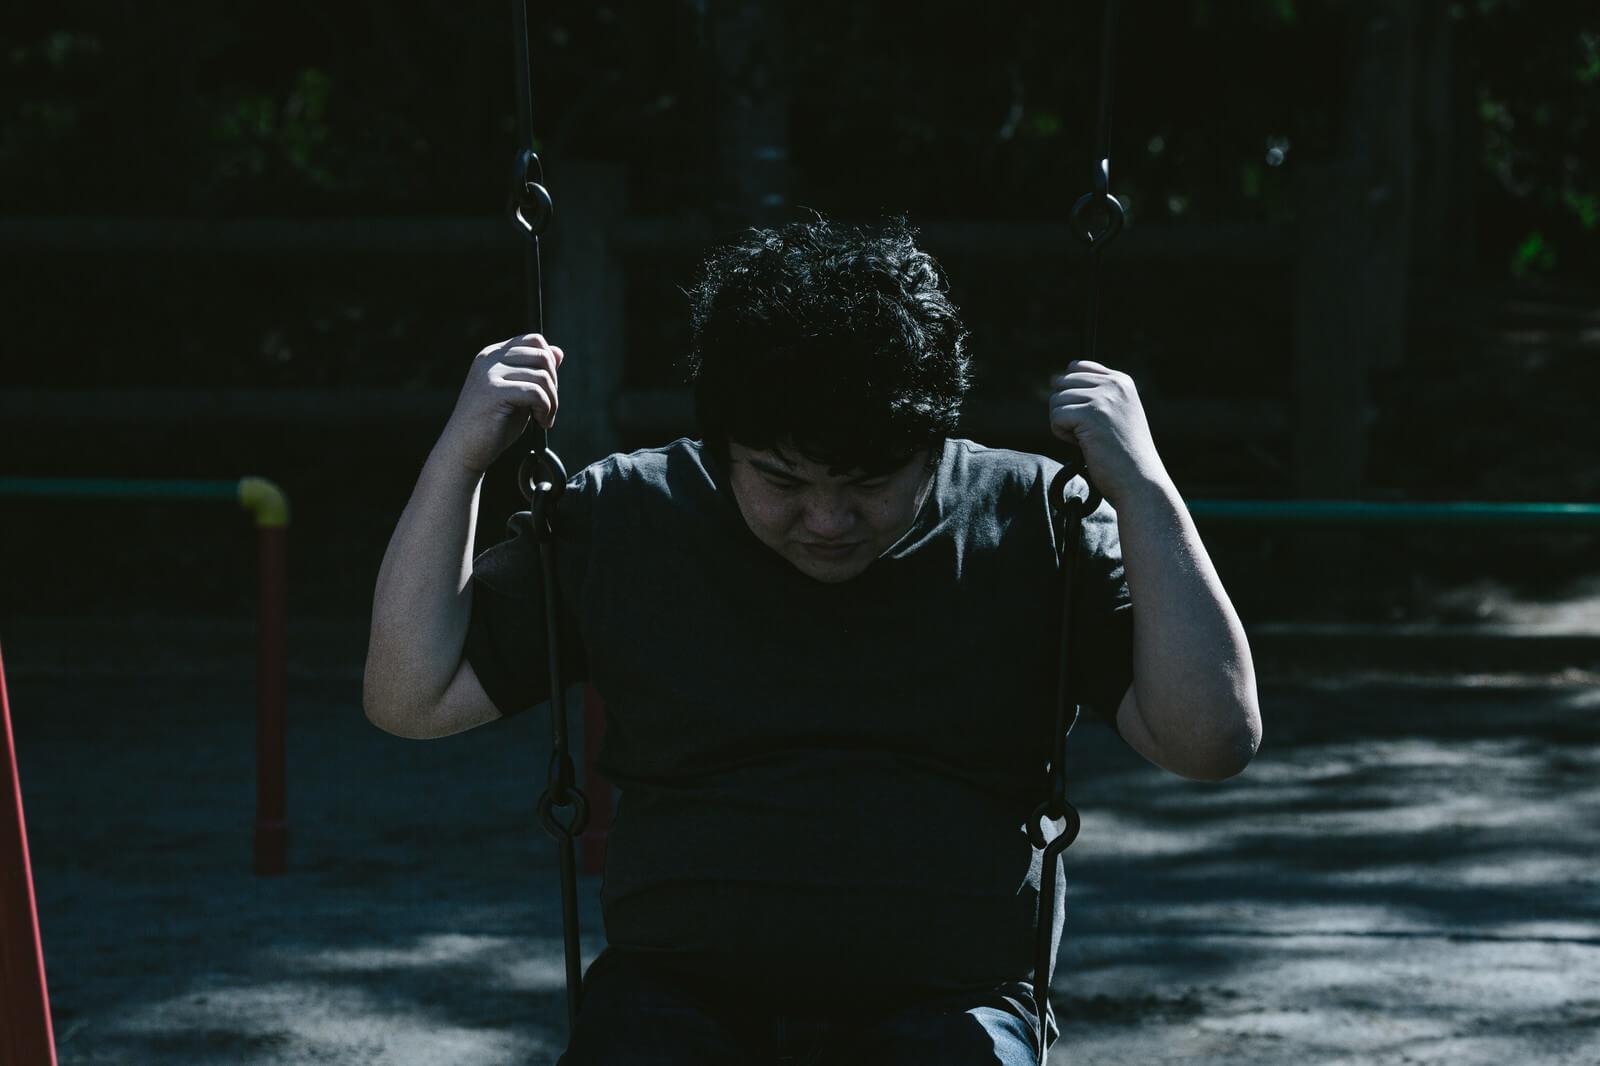 本番サーバー rm -rf / しちゃった [モデル:段田隼人]